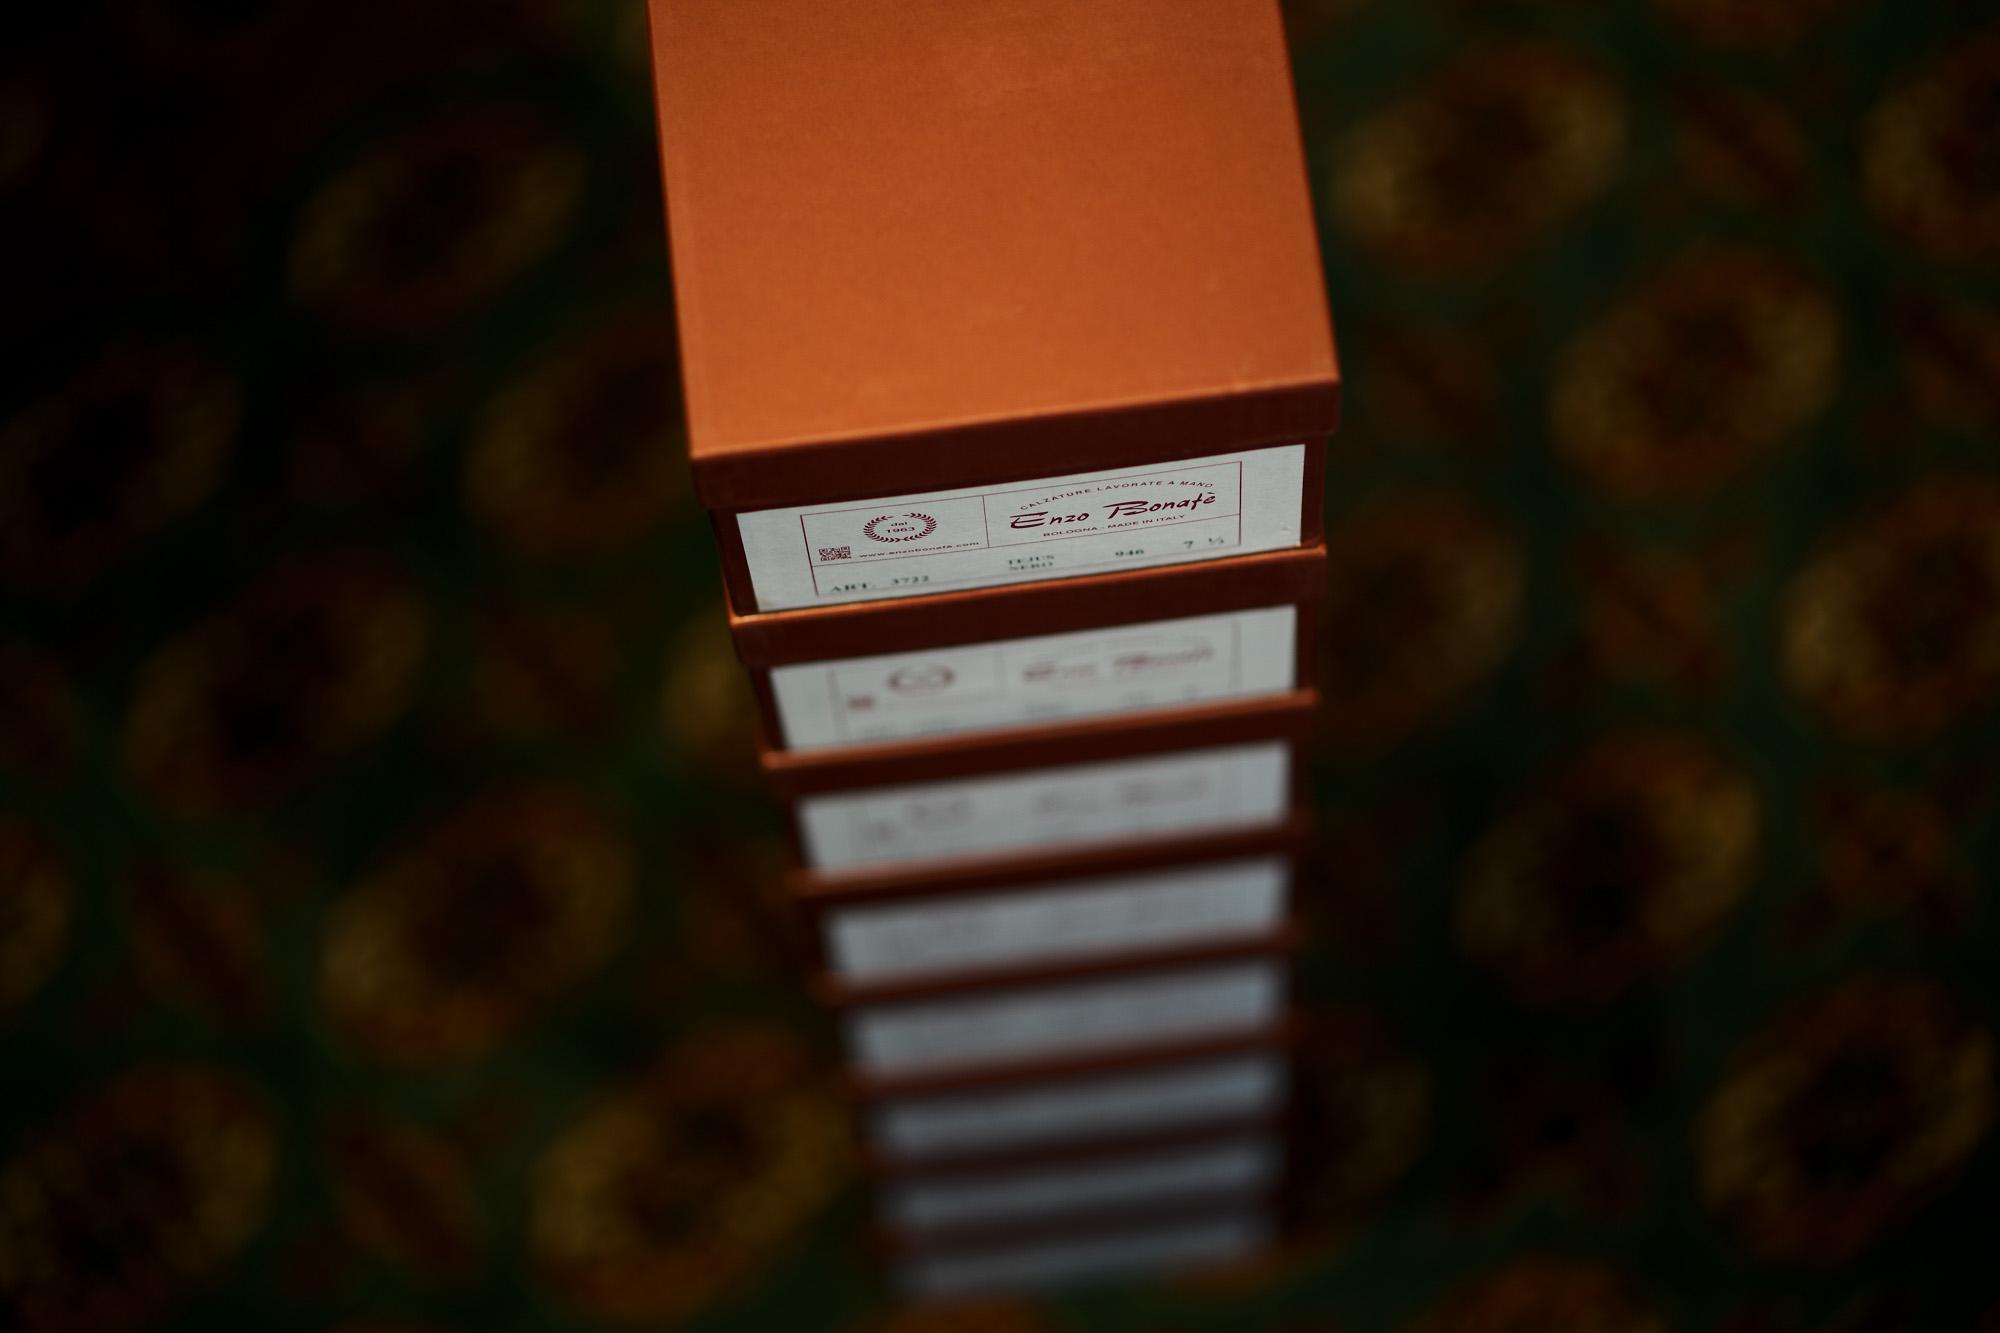 ENZO BONAFE(エンツォボナフェ) ART.3722 Chukka boots チャッカブーツ TEJUS テジュー リザードレザー ノルベジェーゼ製法 エキゾチックレザーブーツ TEJUS NERO(ブラック) made in italy (イタリア製) 2018 秋冬新作 enzobonafe ボナフェ ブーツ チャッカ 愛知 名古屋 Alto e Diritto アルト エ デリット ドカゲ リザード